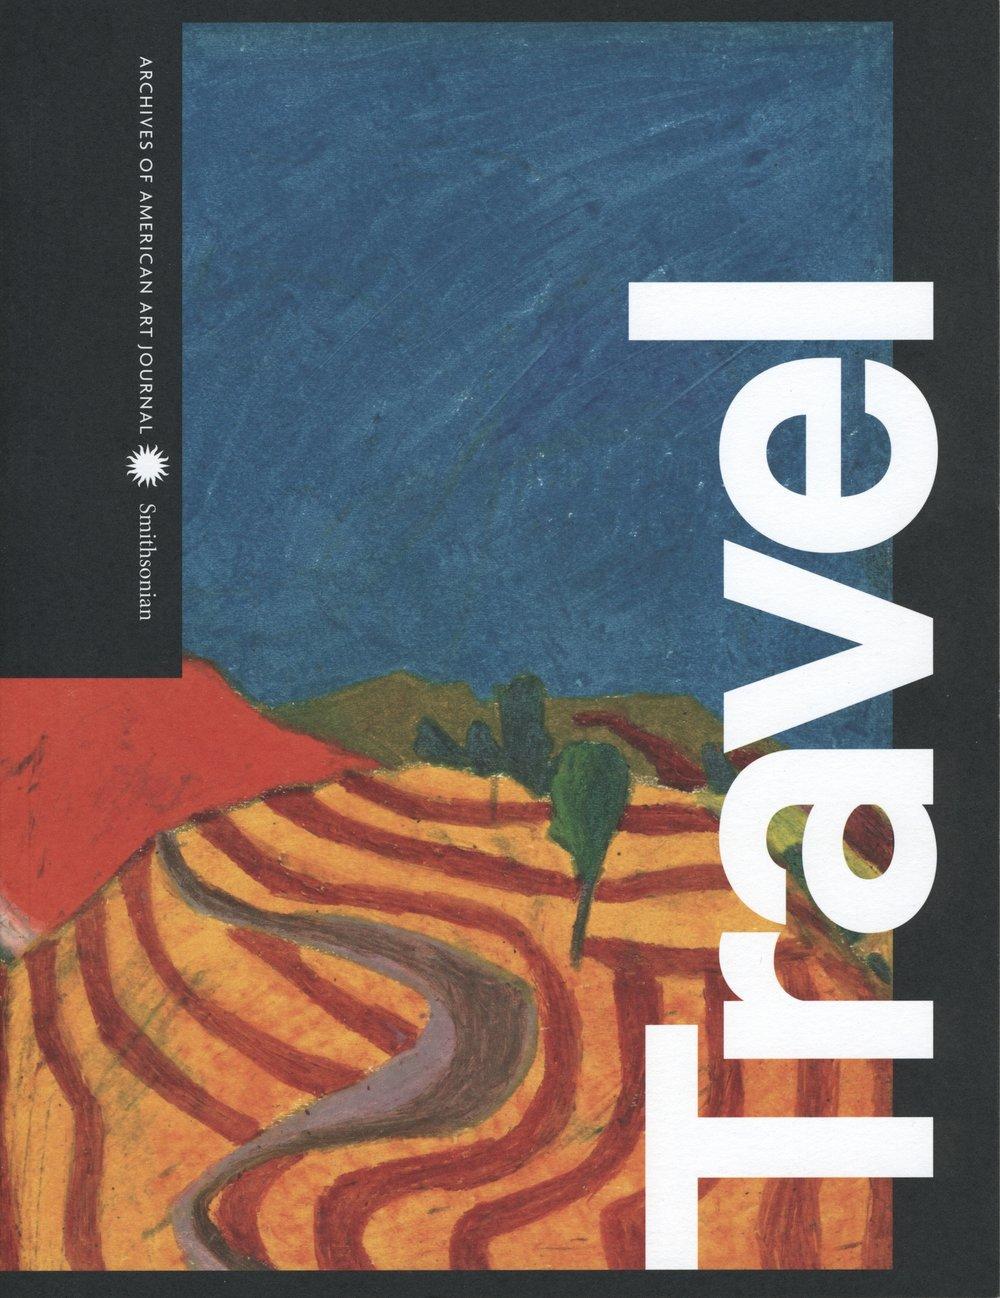 Archives_American_art_cover_lg.jpg